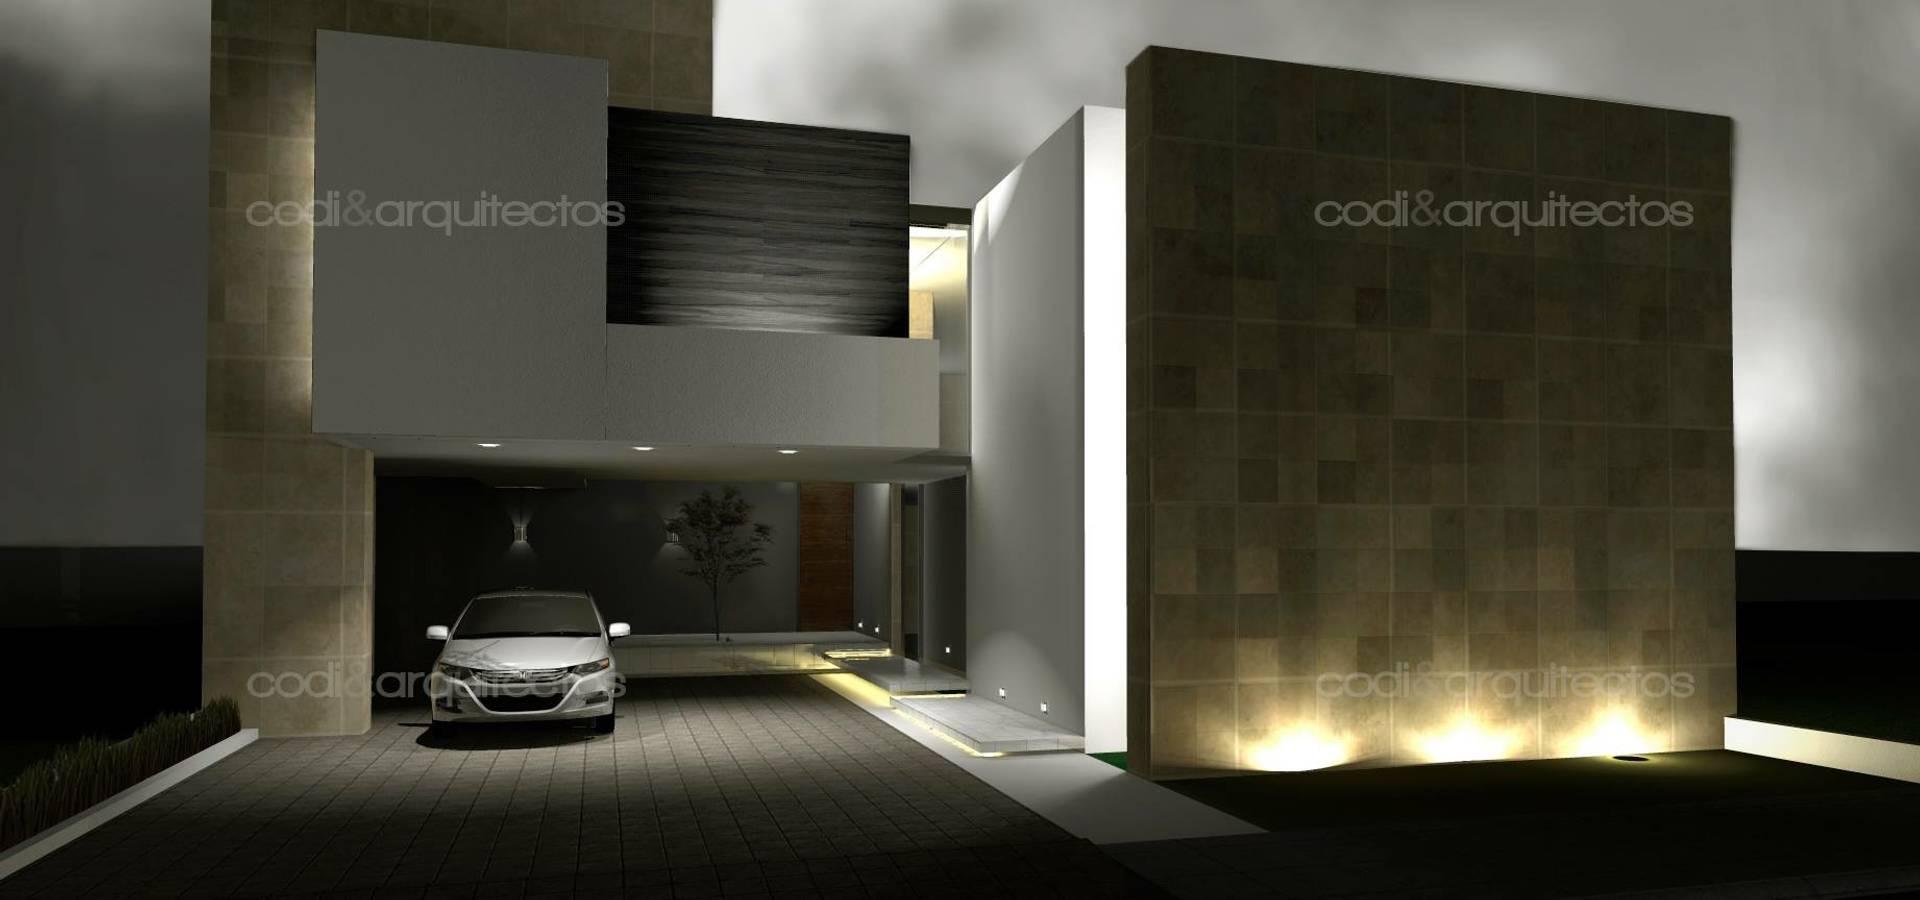 codi&arquitectos